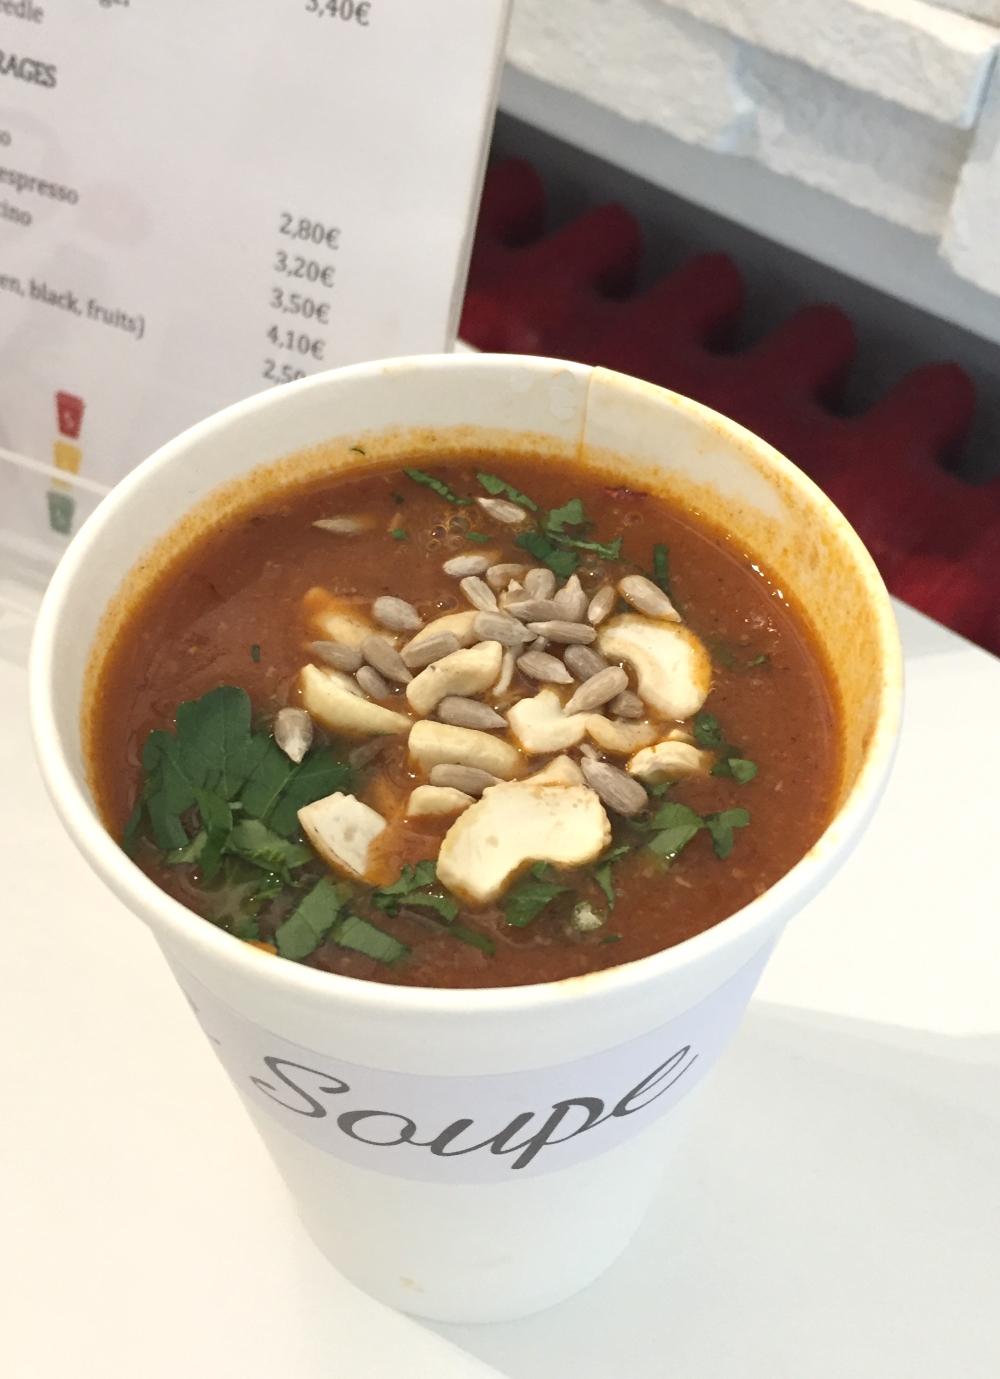 La-soupe-healthy-soup-bar-in-helsinki-gluten-free-dairy-free-vegan-soups2